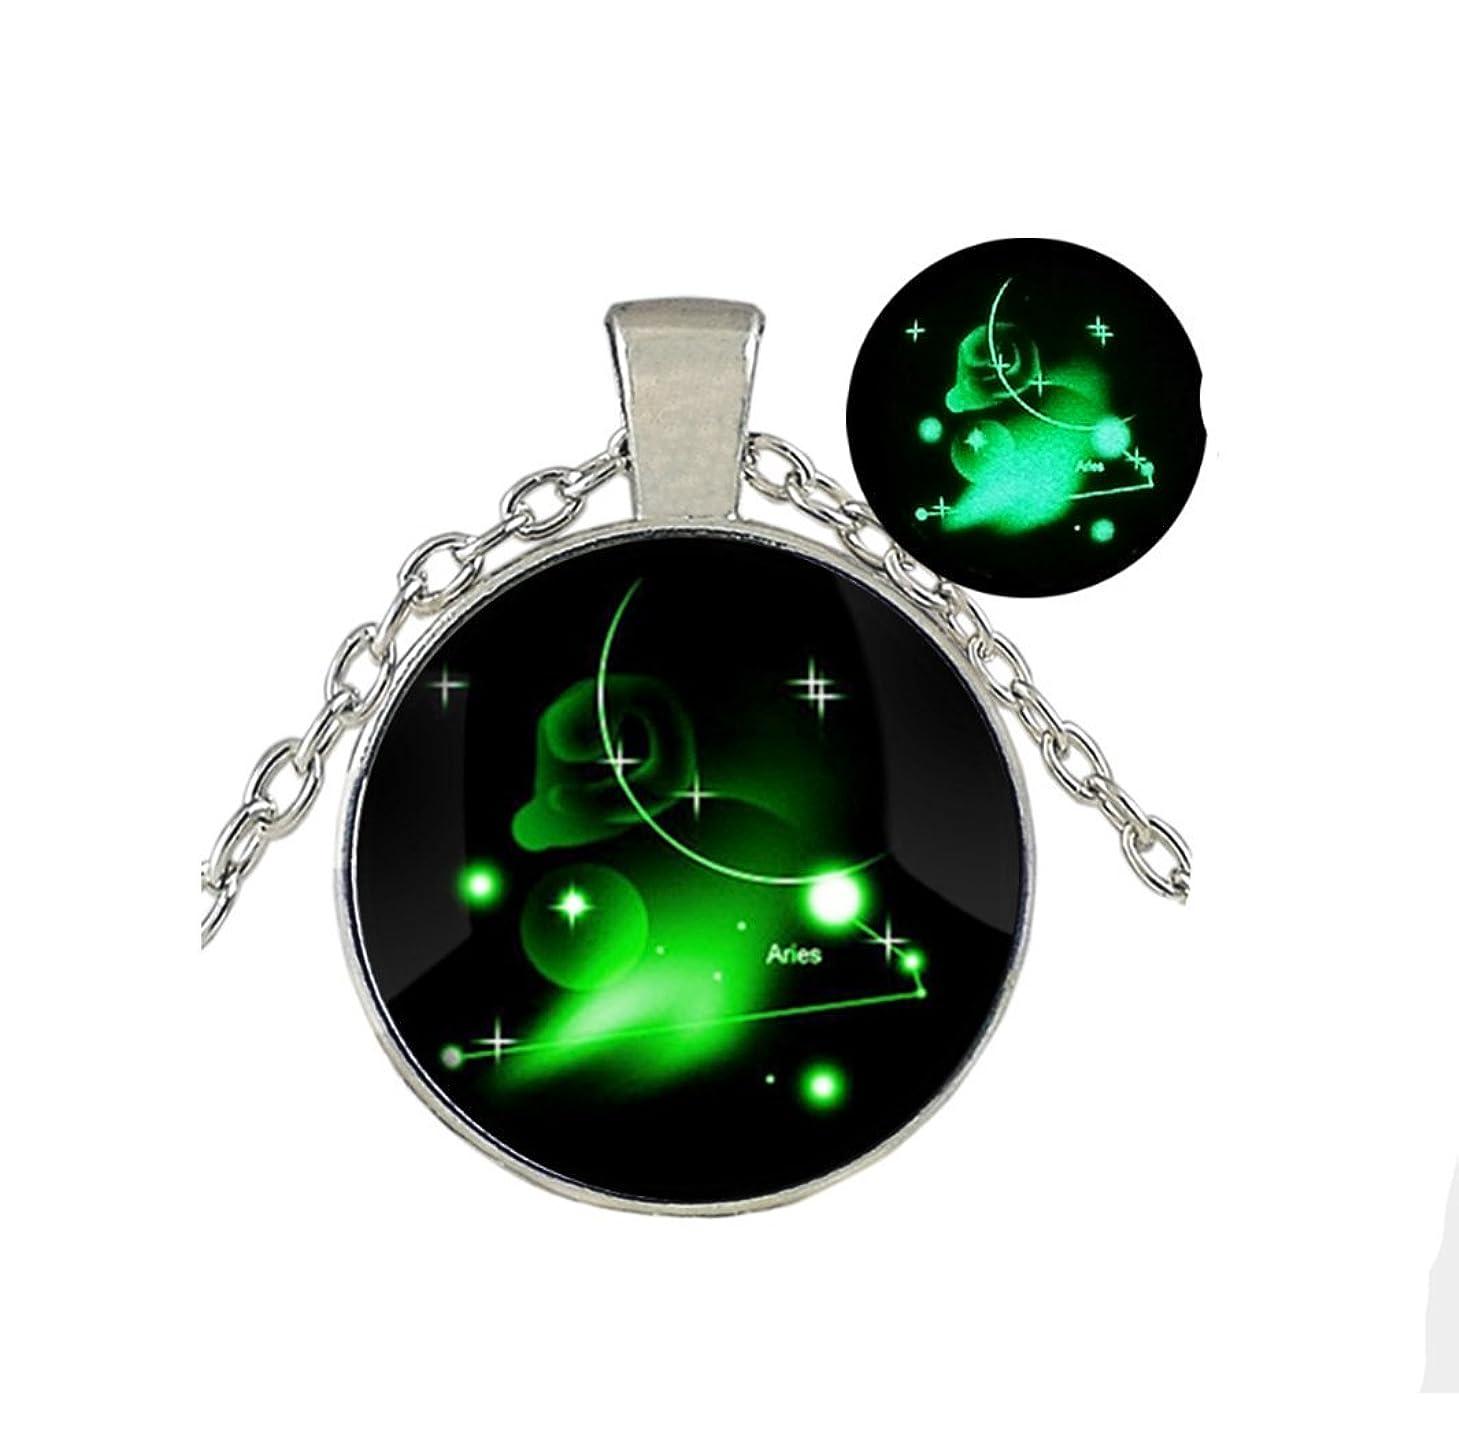 ほうき国勢調査もっともらしいGlow in the Dark /グローネックレス/ Glowing Jewely / Constellation Ariesジュエリー